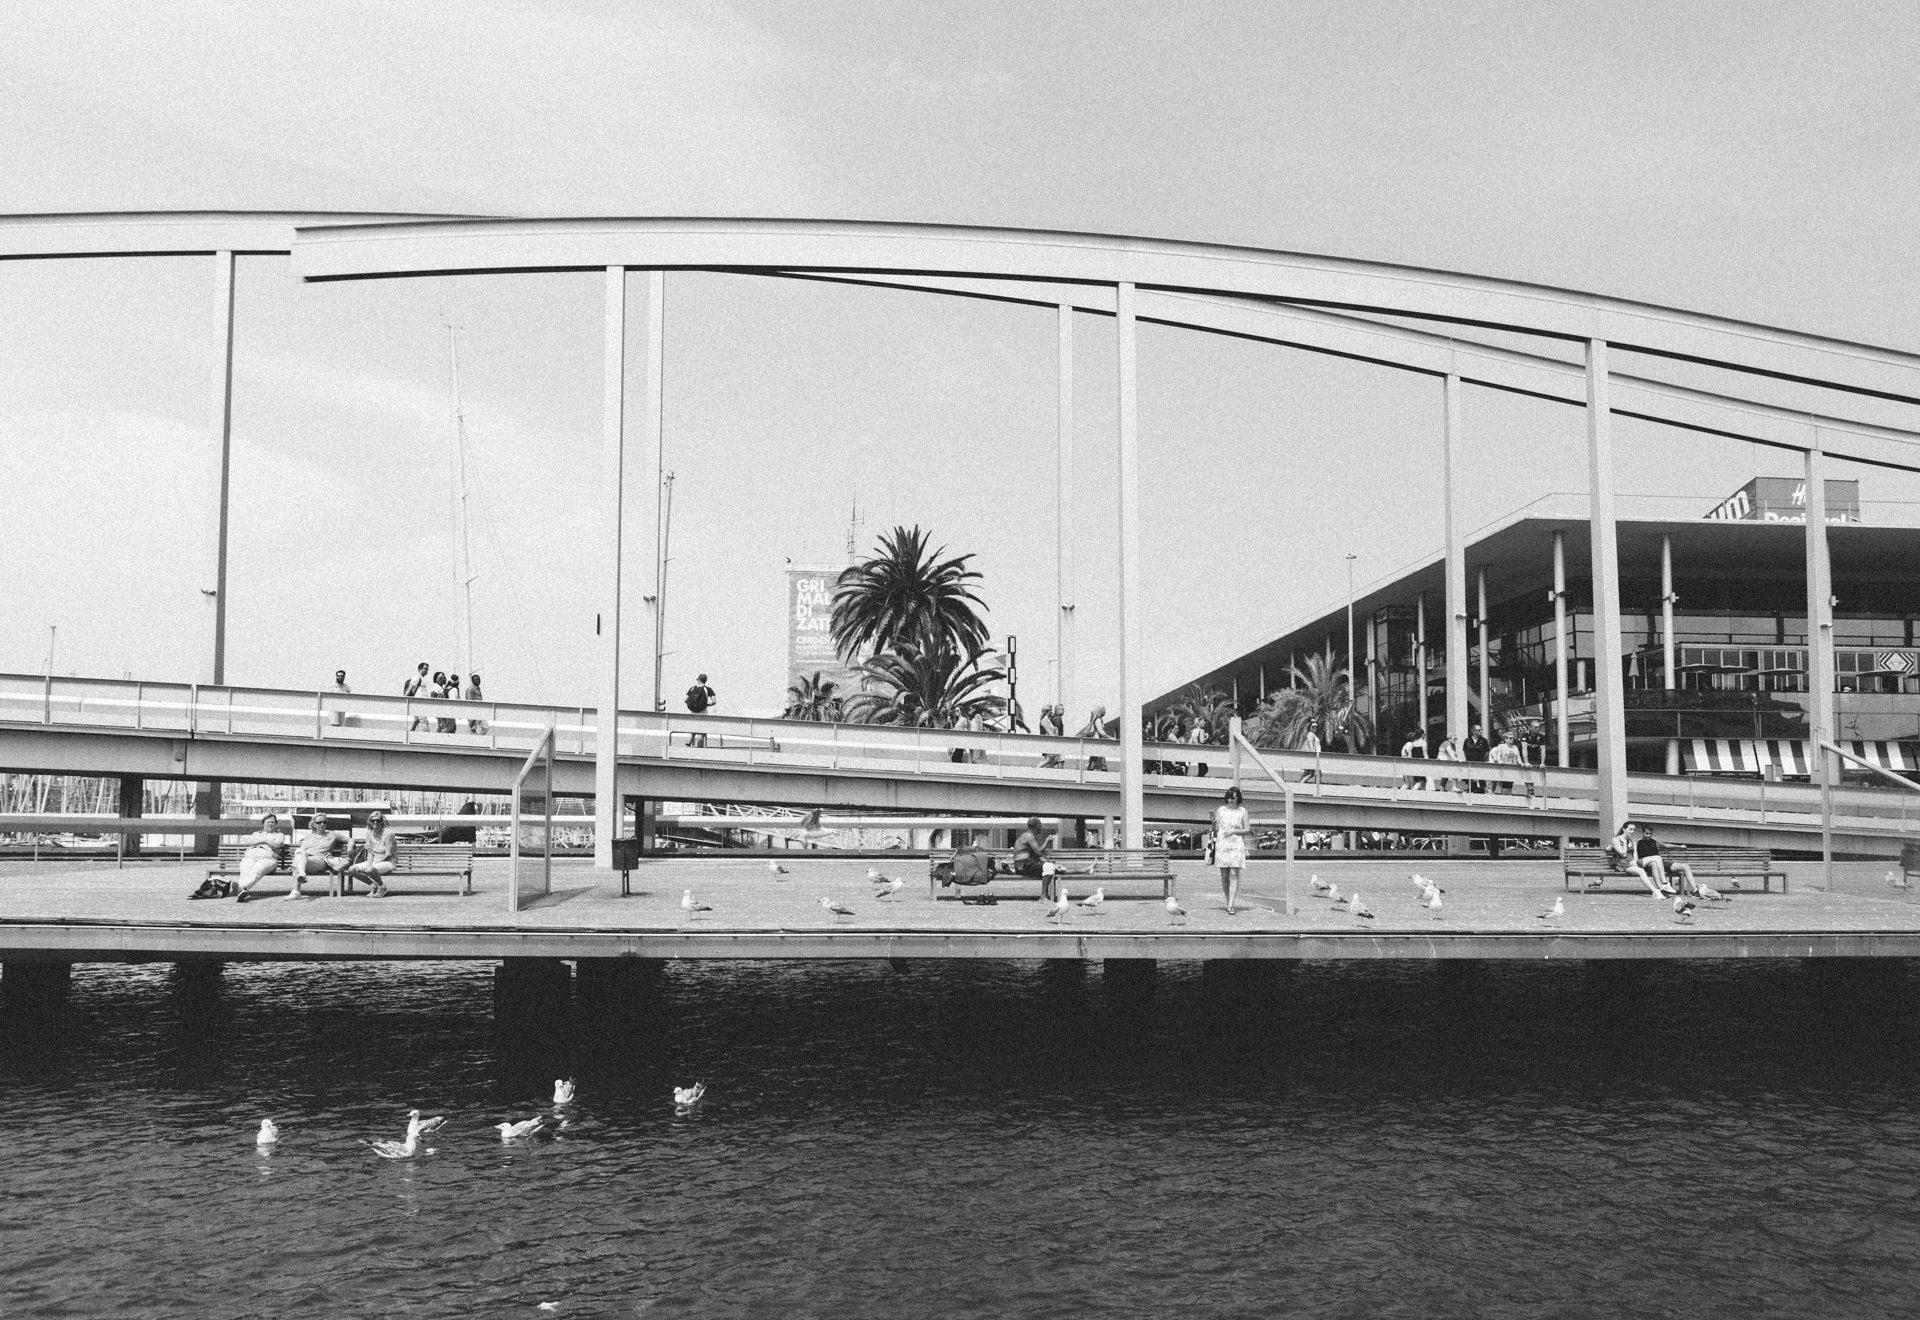 Vistas del muelle del Maremagnum en Barcelona realizada durante uno de los eventos del Sunglass Hut Pop Up